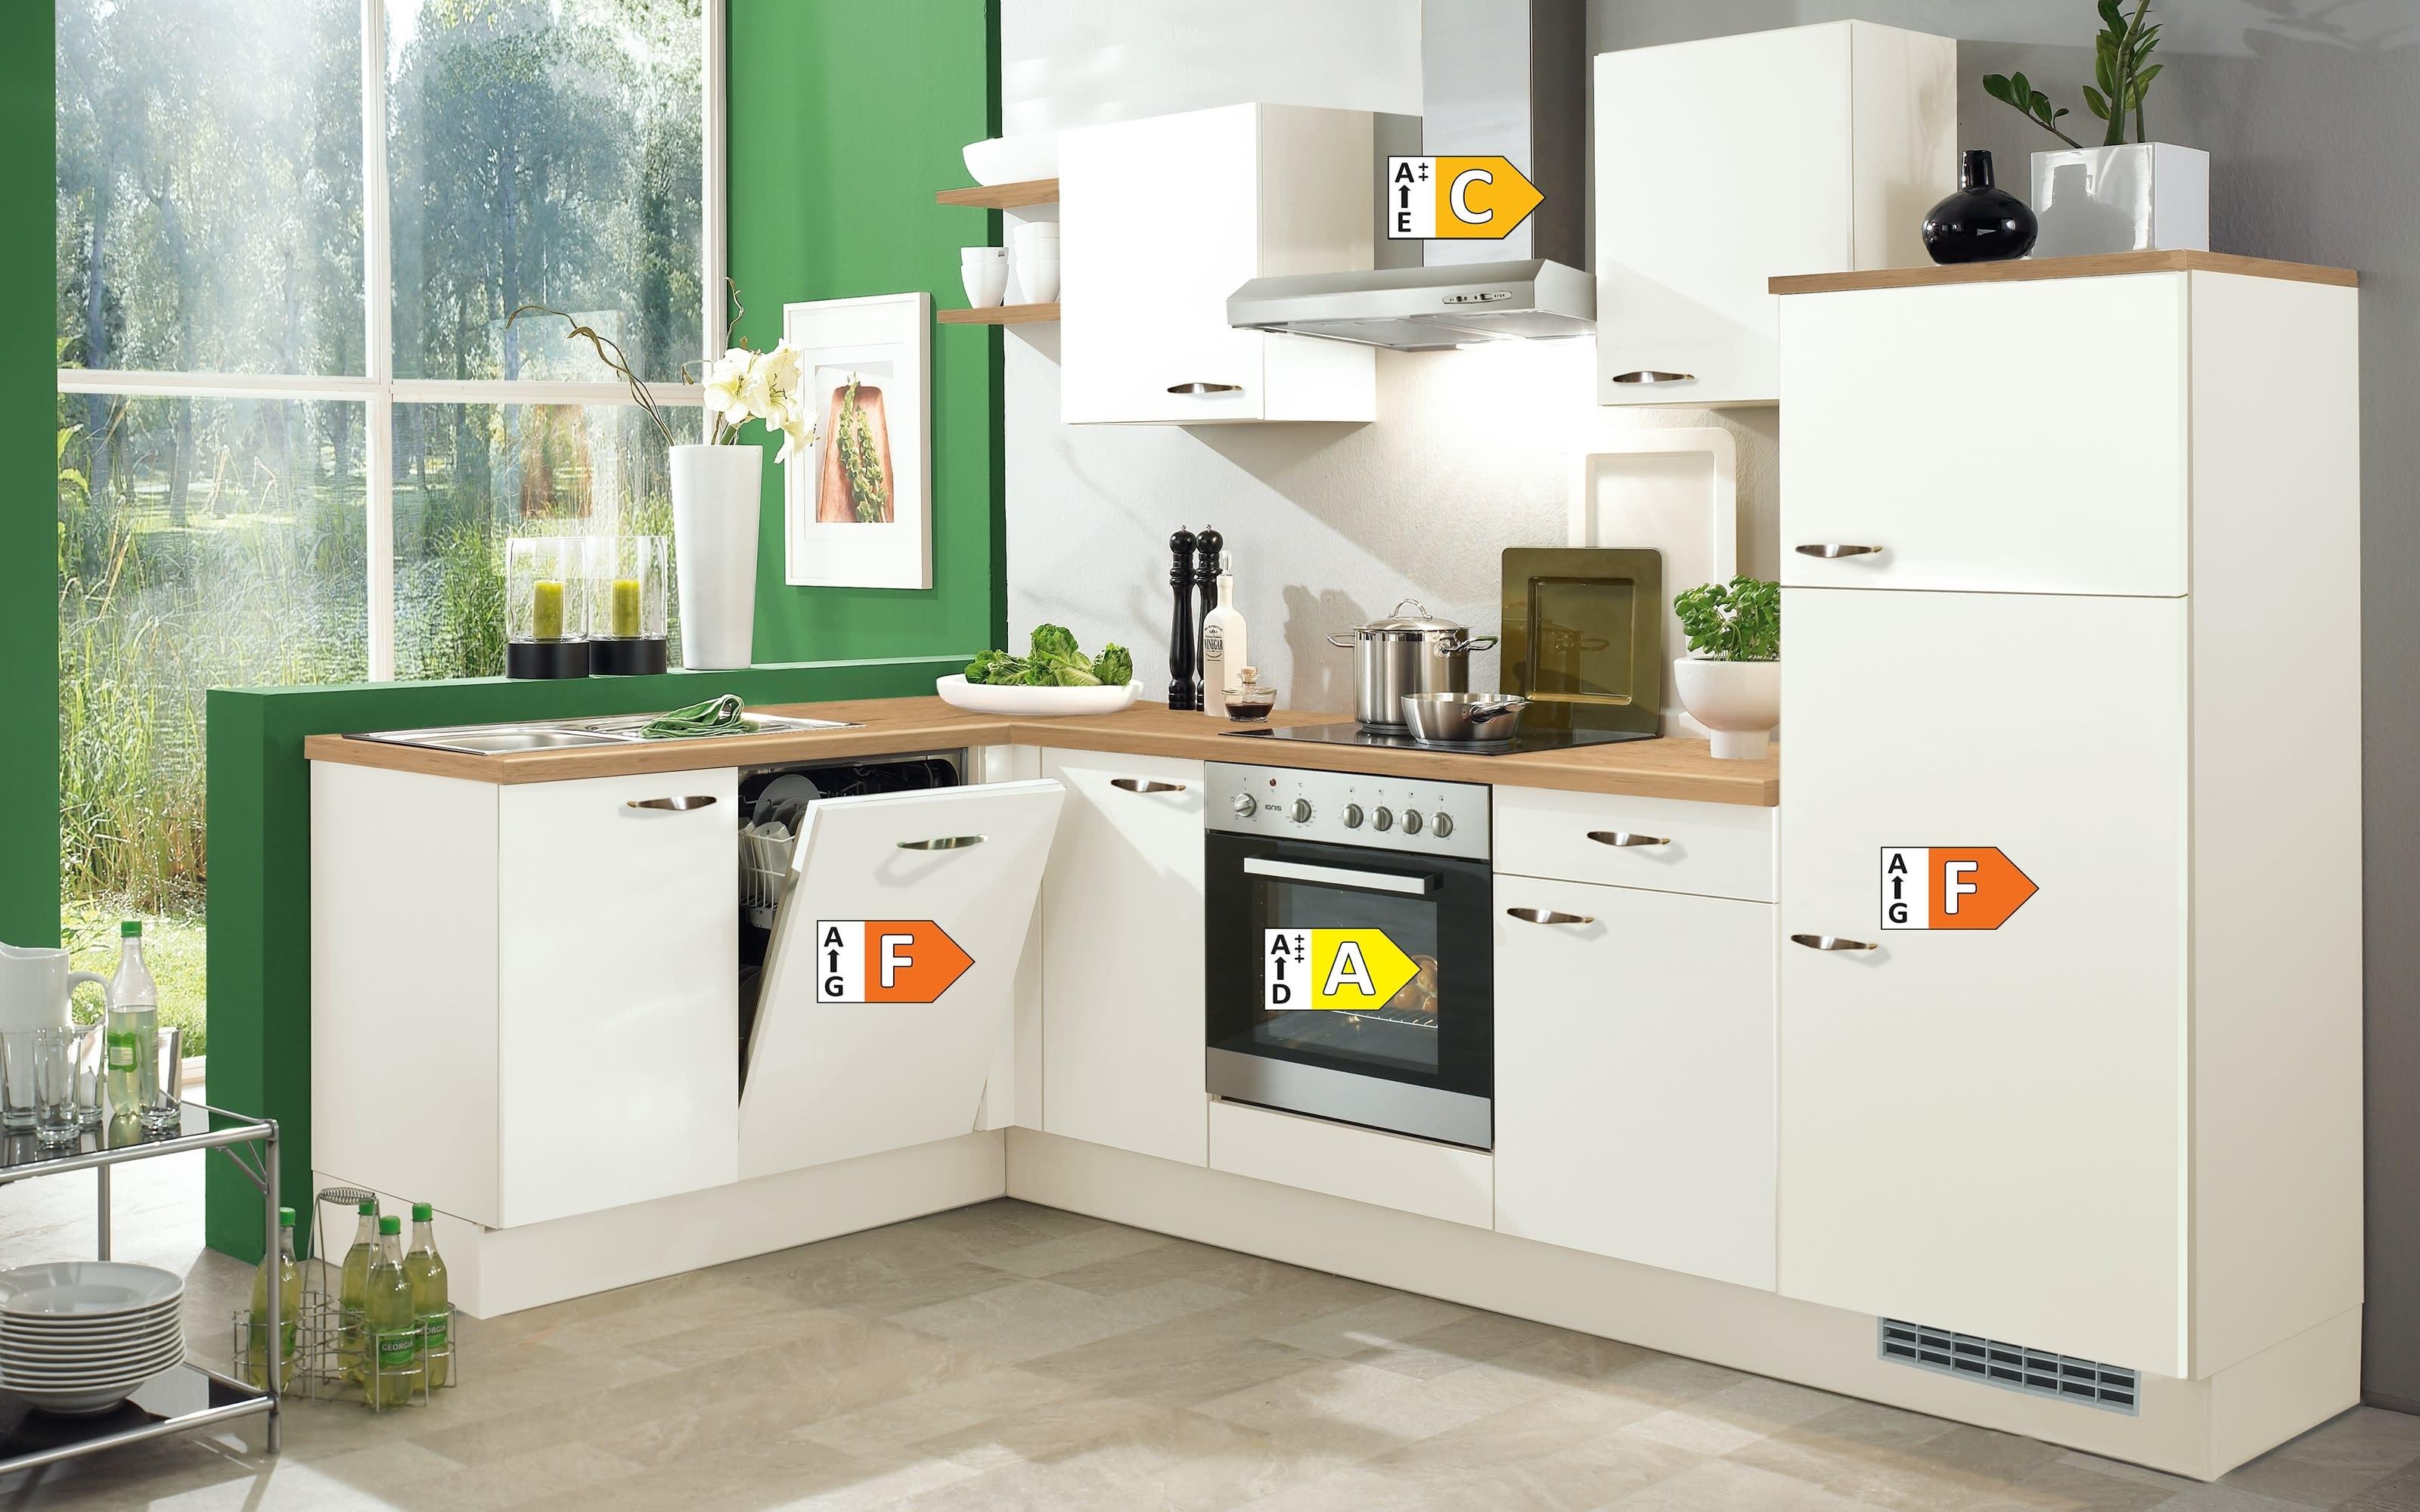 Einbauküche IP1200 in magnolienweiß, inklusive Privileg Elektrogeräte